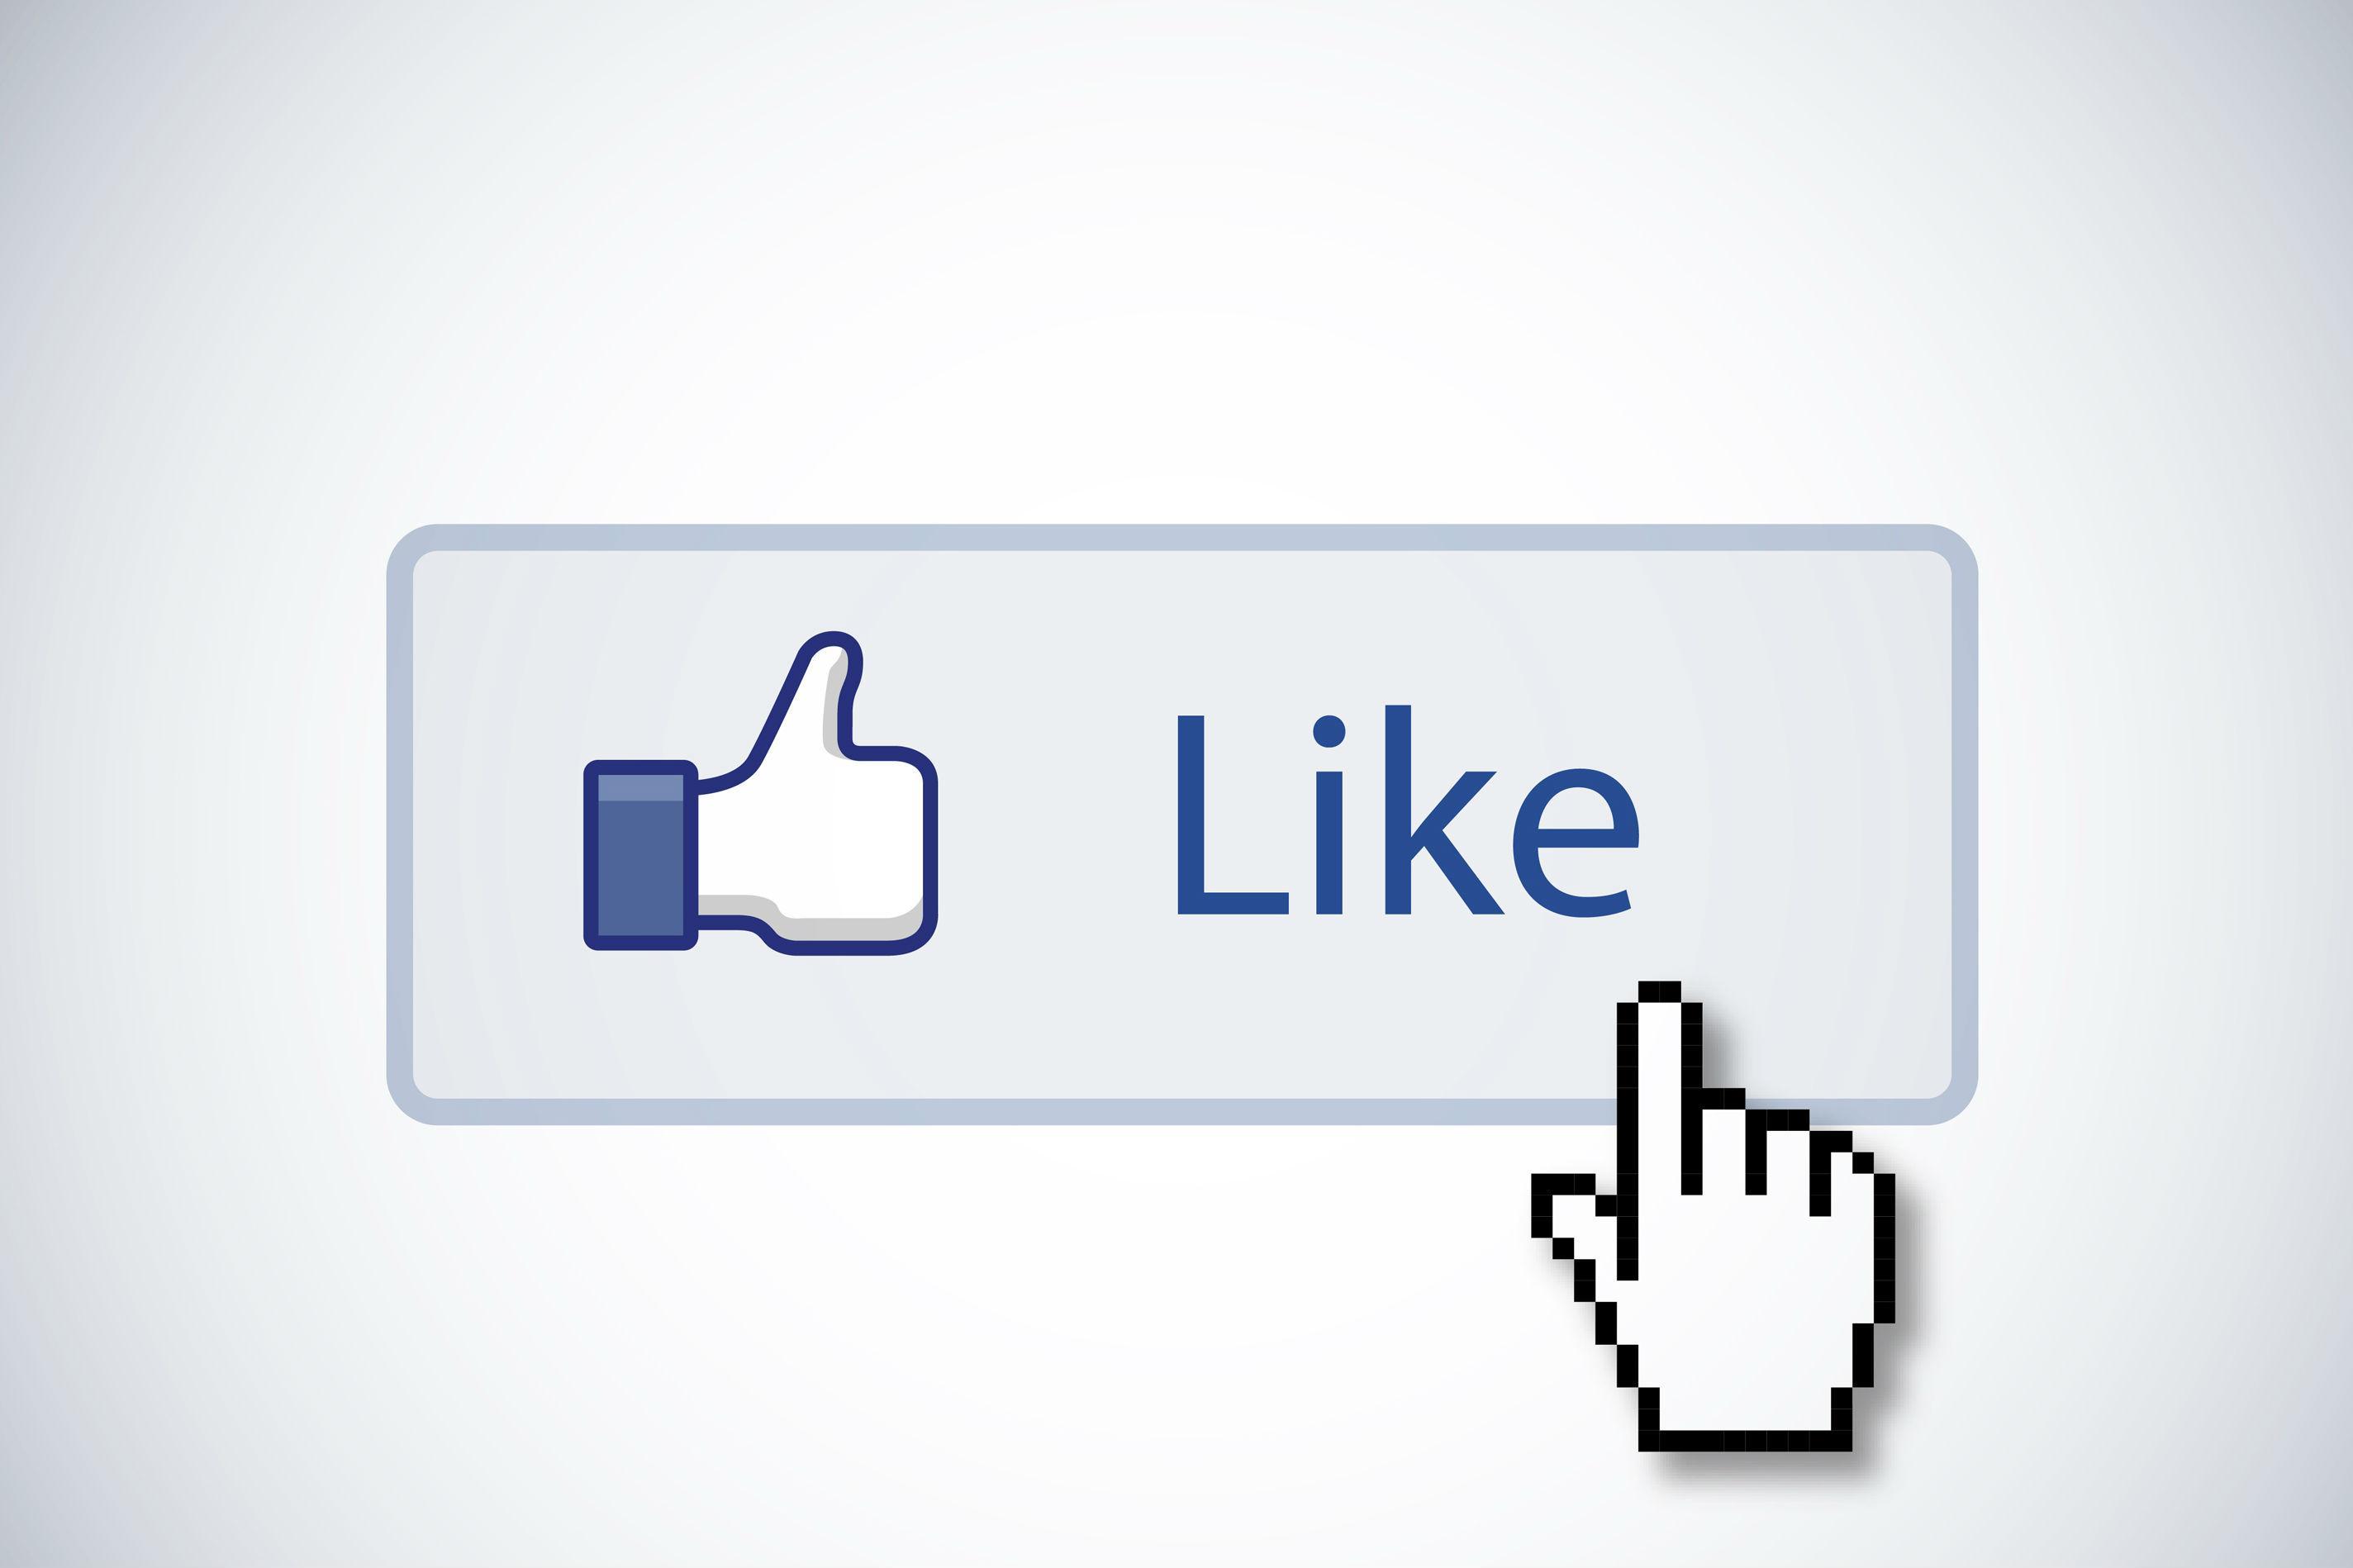 วิธีแก้ มีปัญหากด Like บน Facebook ไม่ได้